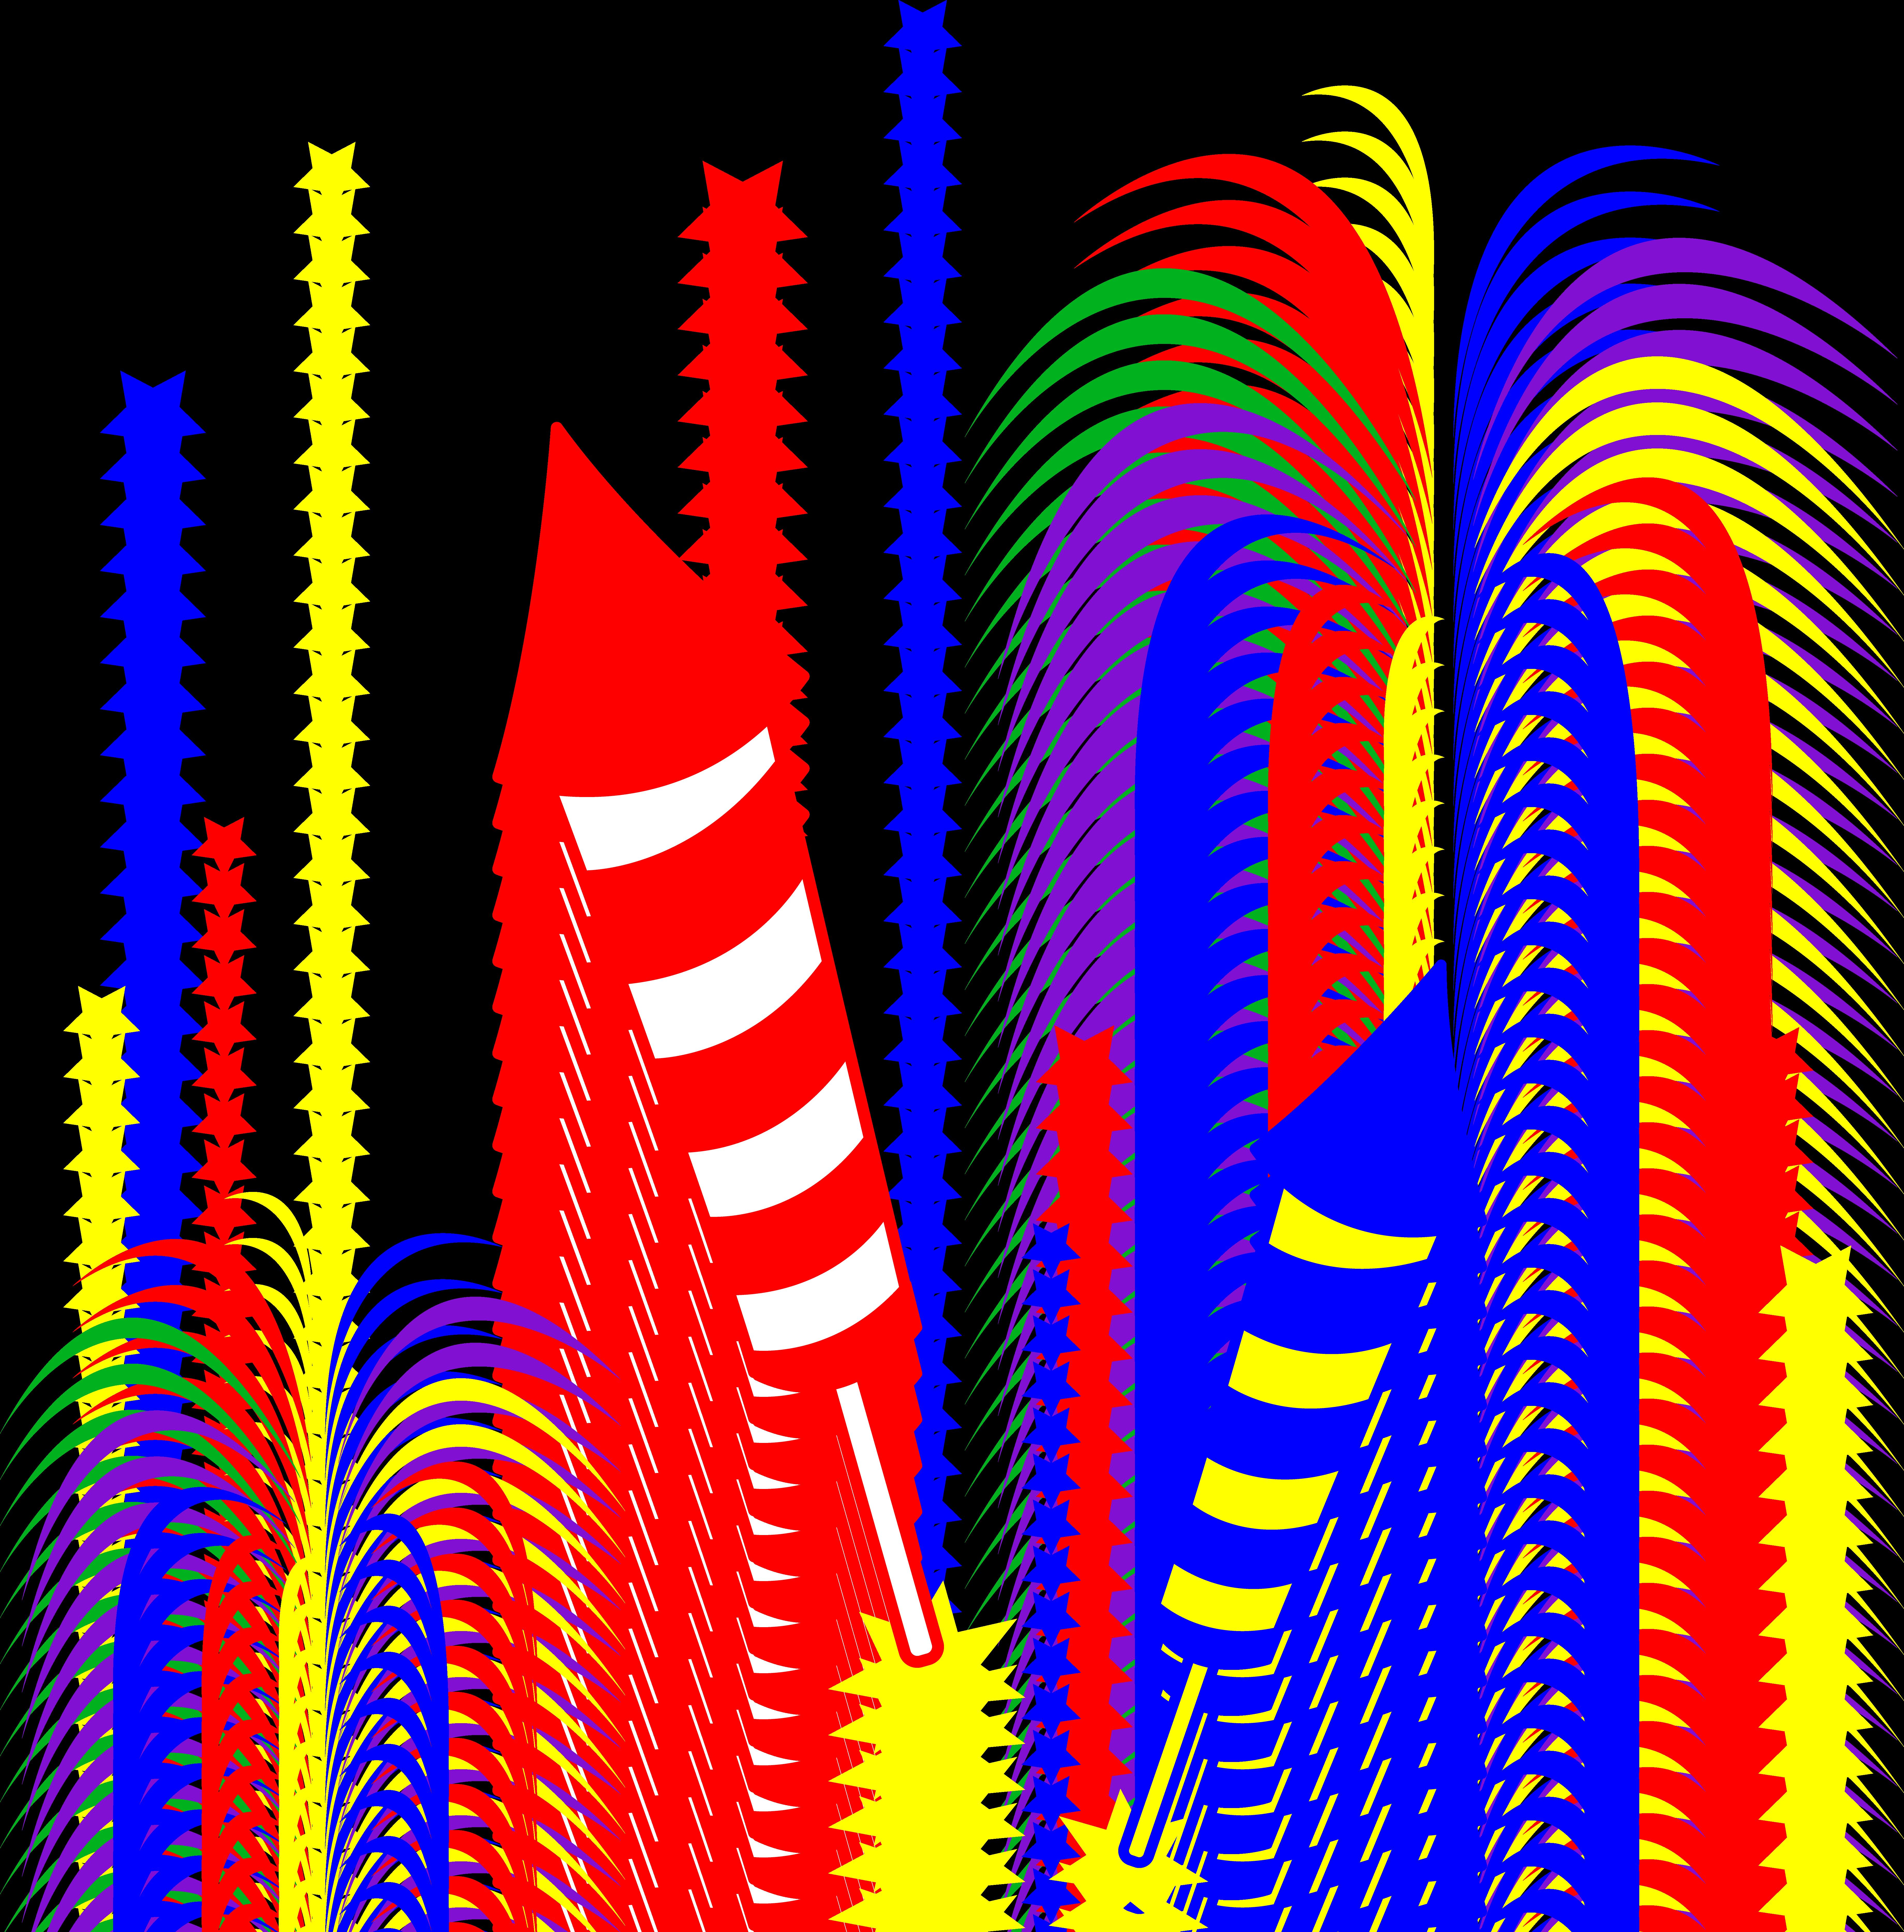 Free animated celebration.